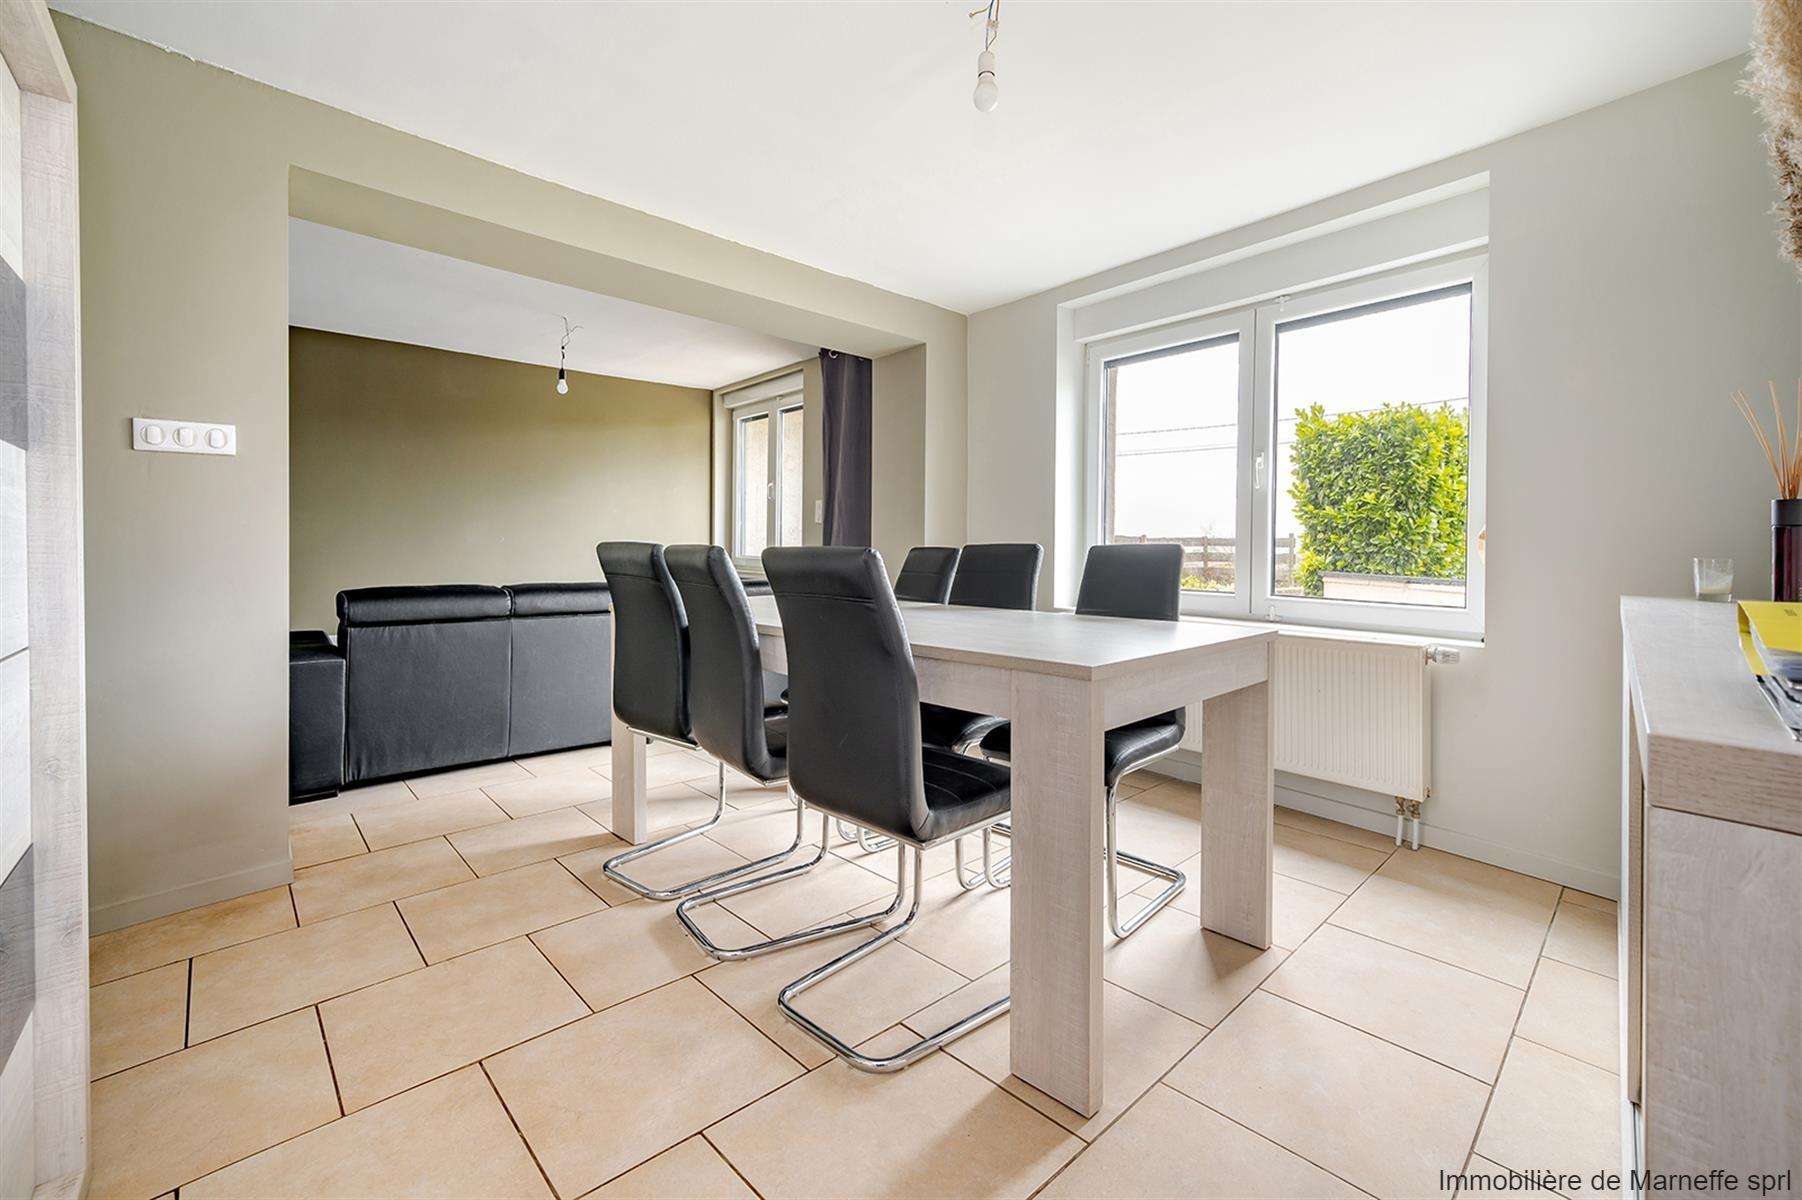 Maison - Villers-le-Bouillet - #4340473-2